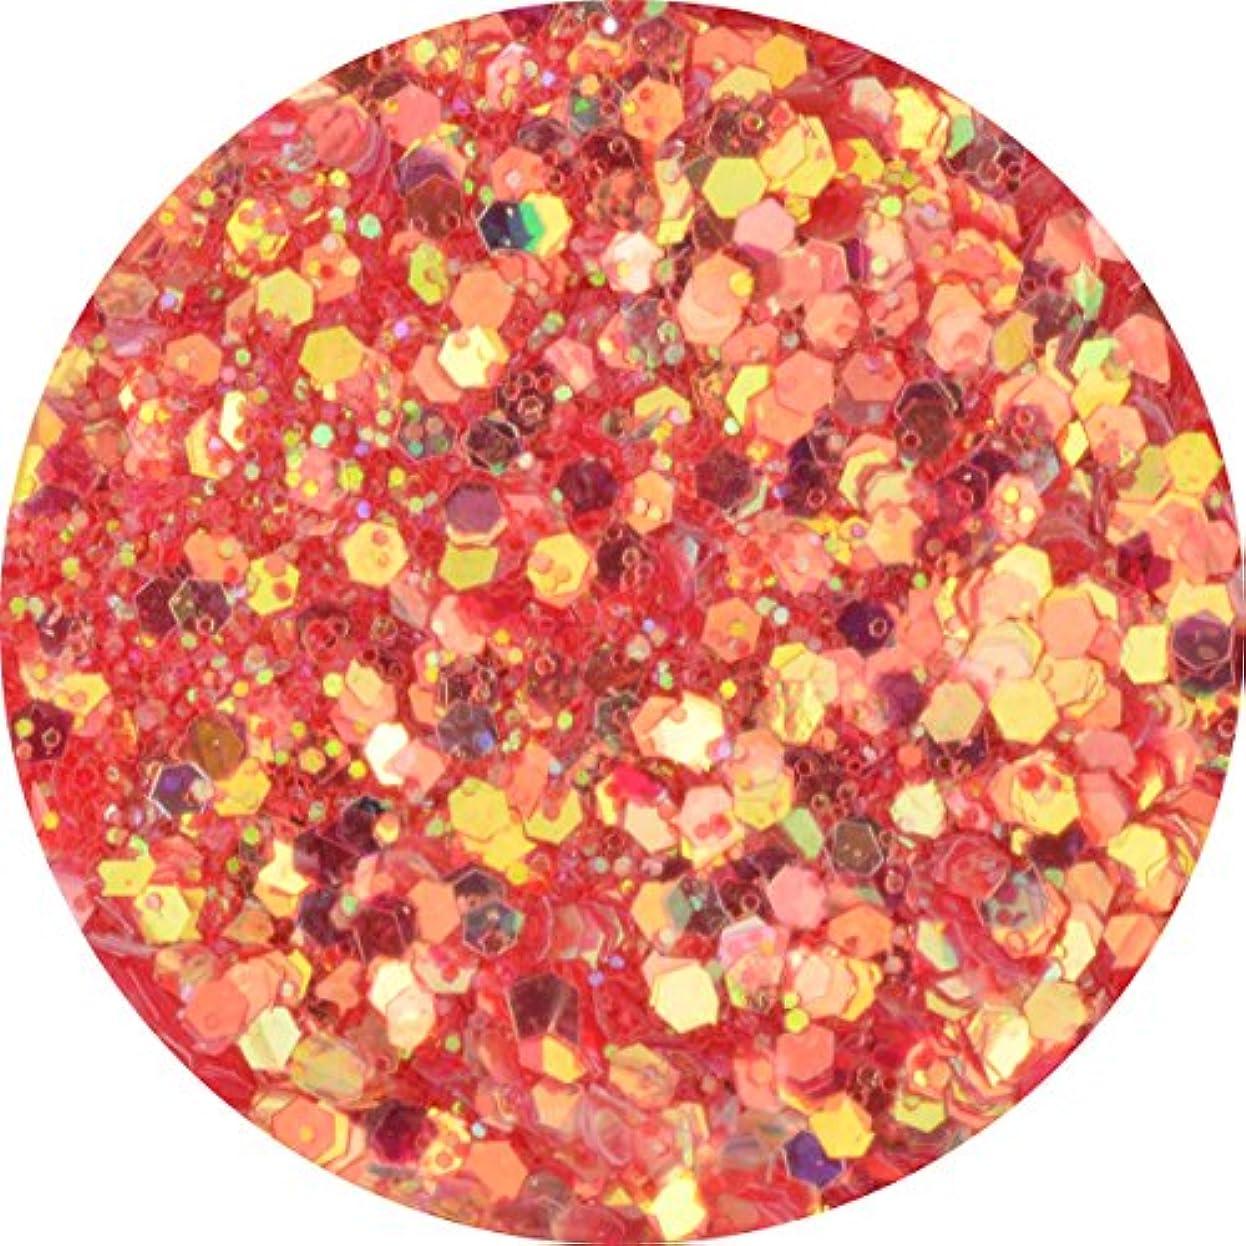 輝度テナント気を散らすラメホロ ミックス [ラメ&ホログラム1mm]mix 選べる12色 (01.レッド)